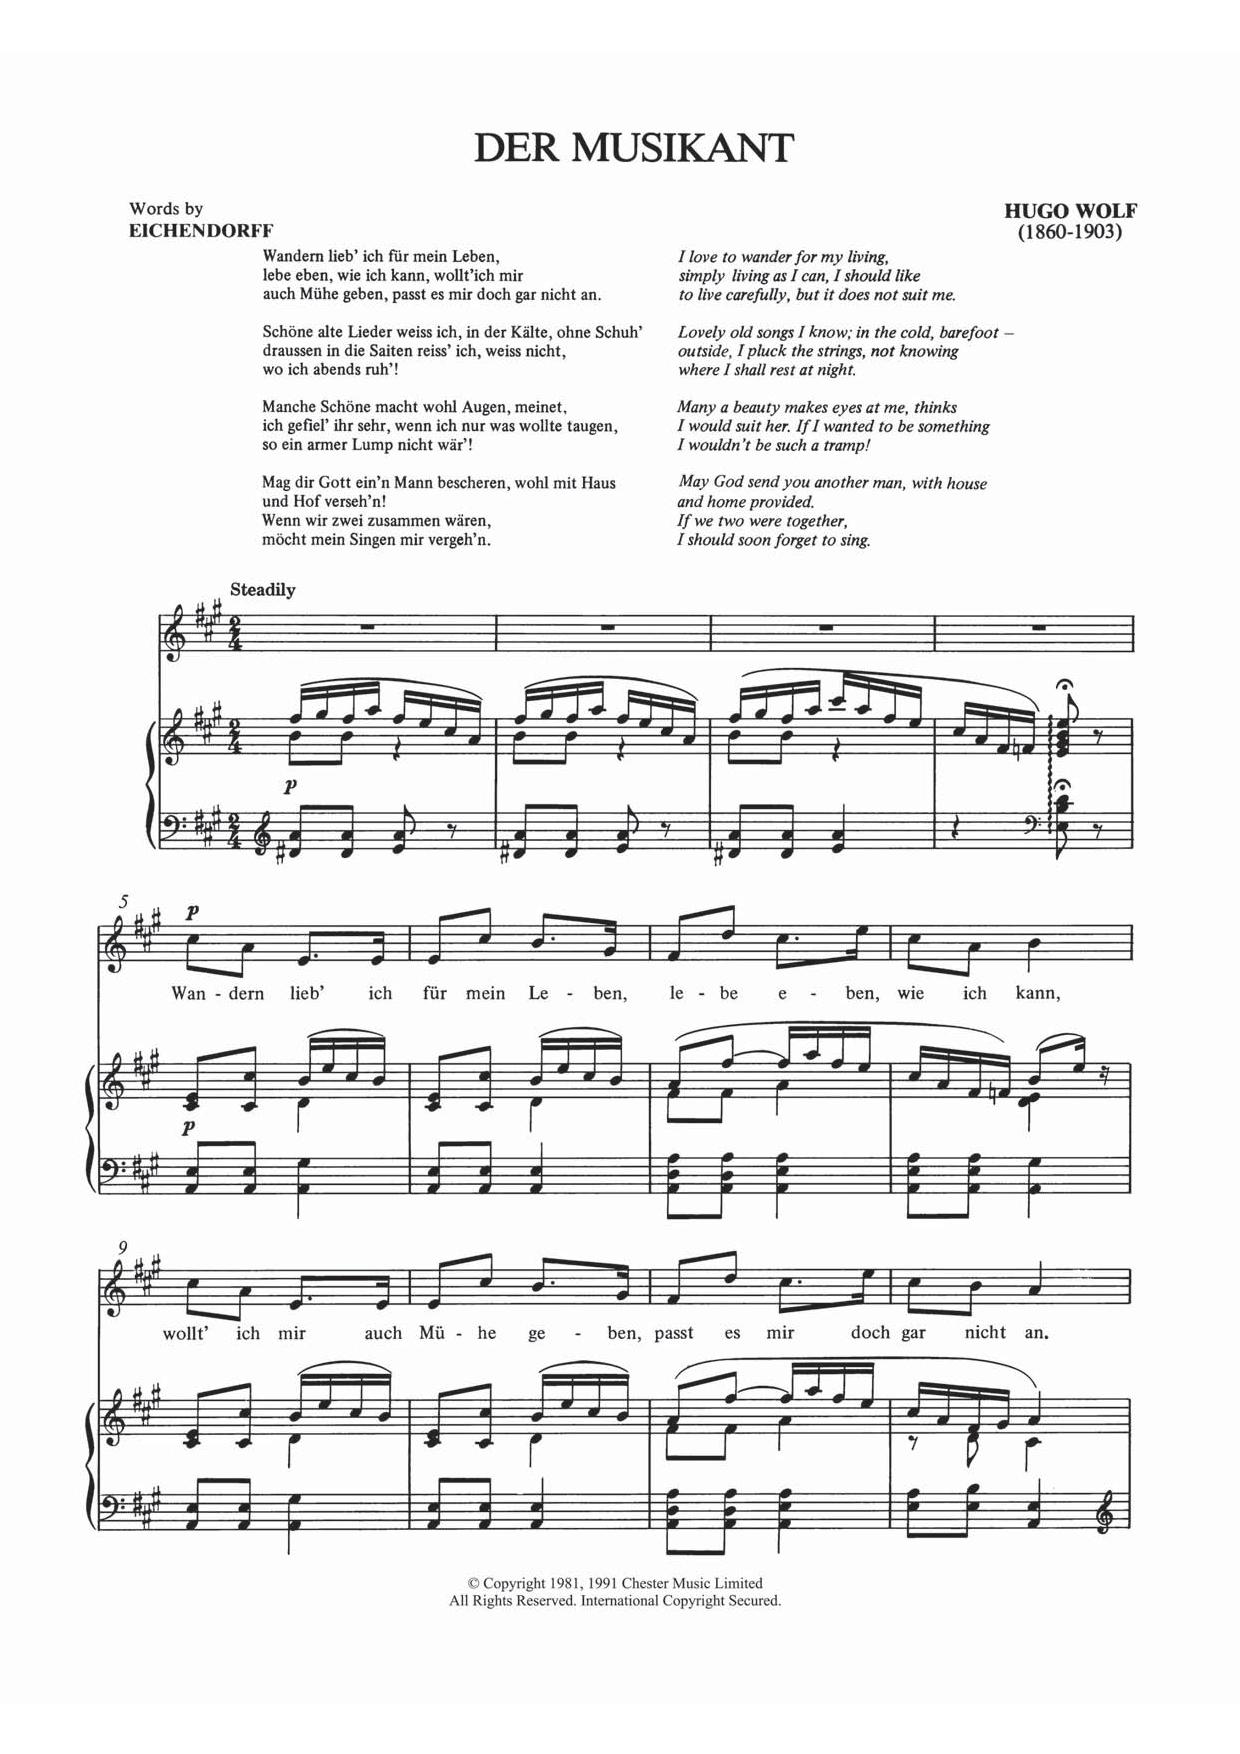 Hugo Wolf - Der Musikant